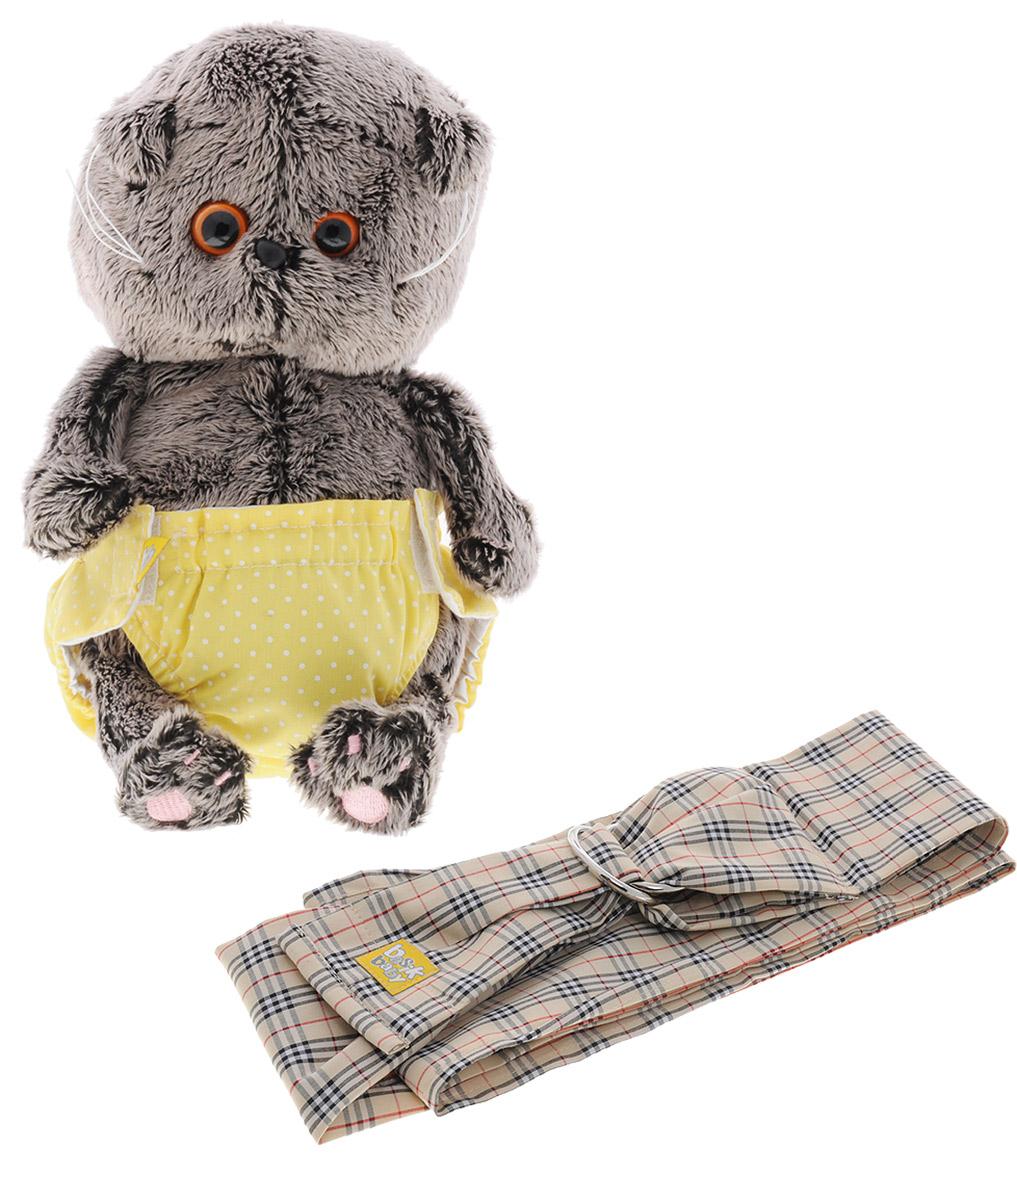 Мягкая игрушка Басик Baby со слингом 20 смBB-005Мягкая игрушка Басик Baby подарит малышу немало прекрасных мгновений. Дети очень трепетно относятся к домашним животным, особенно они любят котов и собак и часто просят своих родителей приобрести им такого друга. Однако домашние питомцы не всегда хорошо влияют на детей - они могут поцарапать и даже вызвать аллергическую реакцию, поэтому приходят на помощь мягкие игрушки, очень похожие на настоящих питомцев. С этим шотландским вислоухим котиком можно играть, отдыхать и засыпать в обнимку, рассказывая свои секреты. У него густая плюшевая шерстка, которую так приятно гладить. У Басика круглые медовые глазки, маленькие ушки и черный носик. Кот в трусиках- памперсах на липучках. Трусики выполнены из ткани нежного желтого цвета в горошек. В комплекте имеется слинг. Мягкие игрушки очень полезны для малышей, потому что весьма позитивно влияют на детскую нервную систему, прогоняя всевозможные страхи. Играя, малыш развивает фантазию и воображение,...